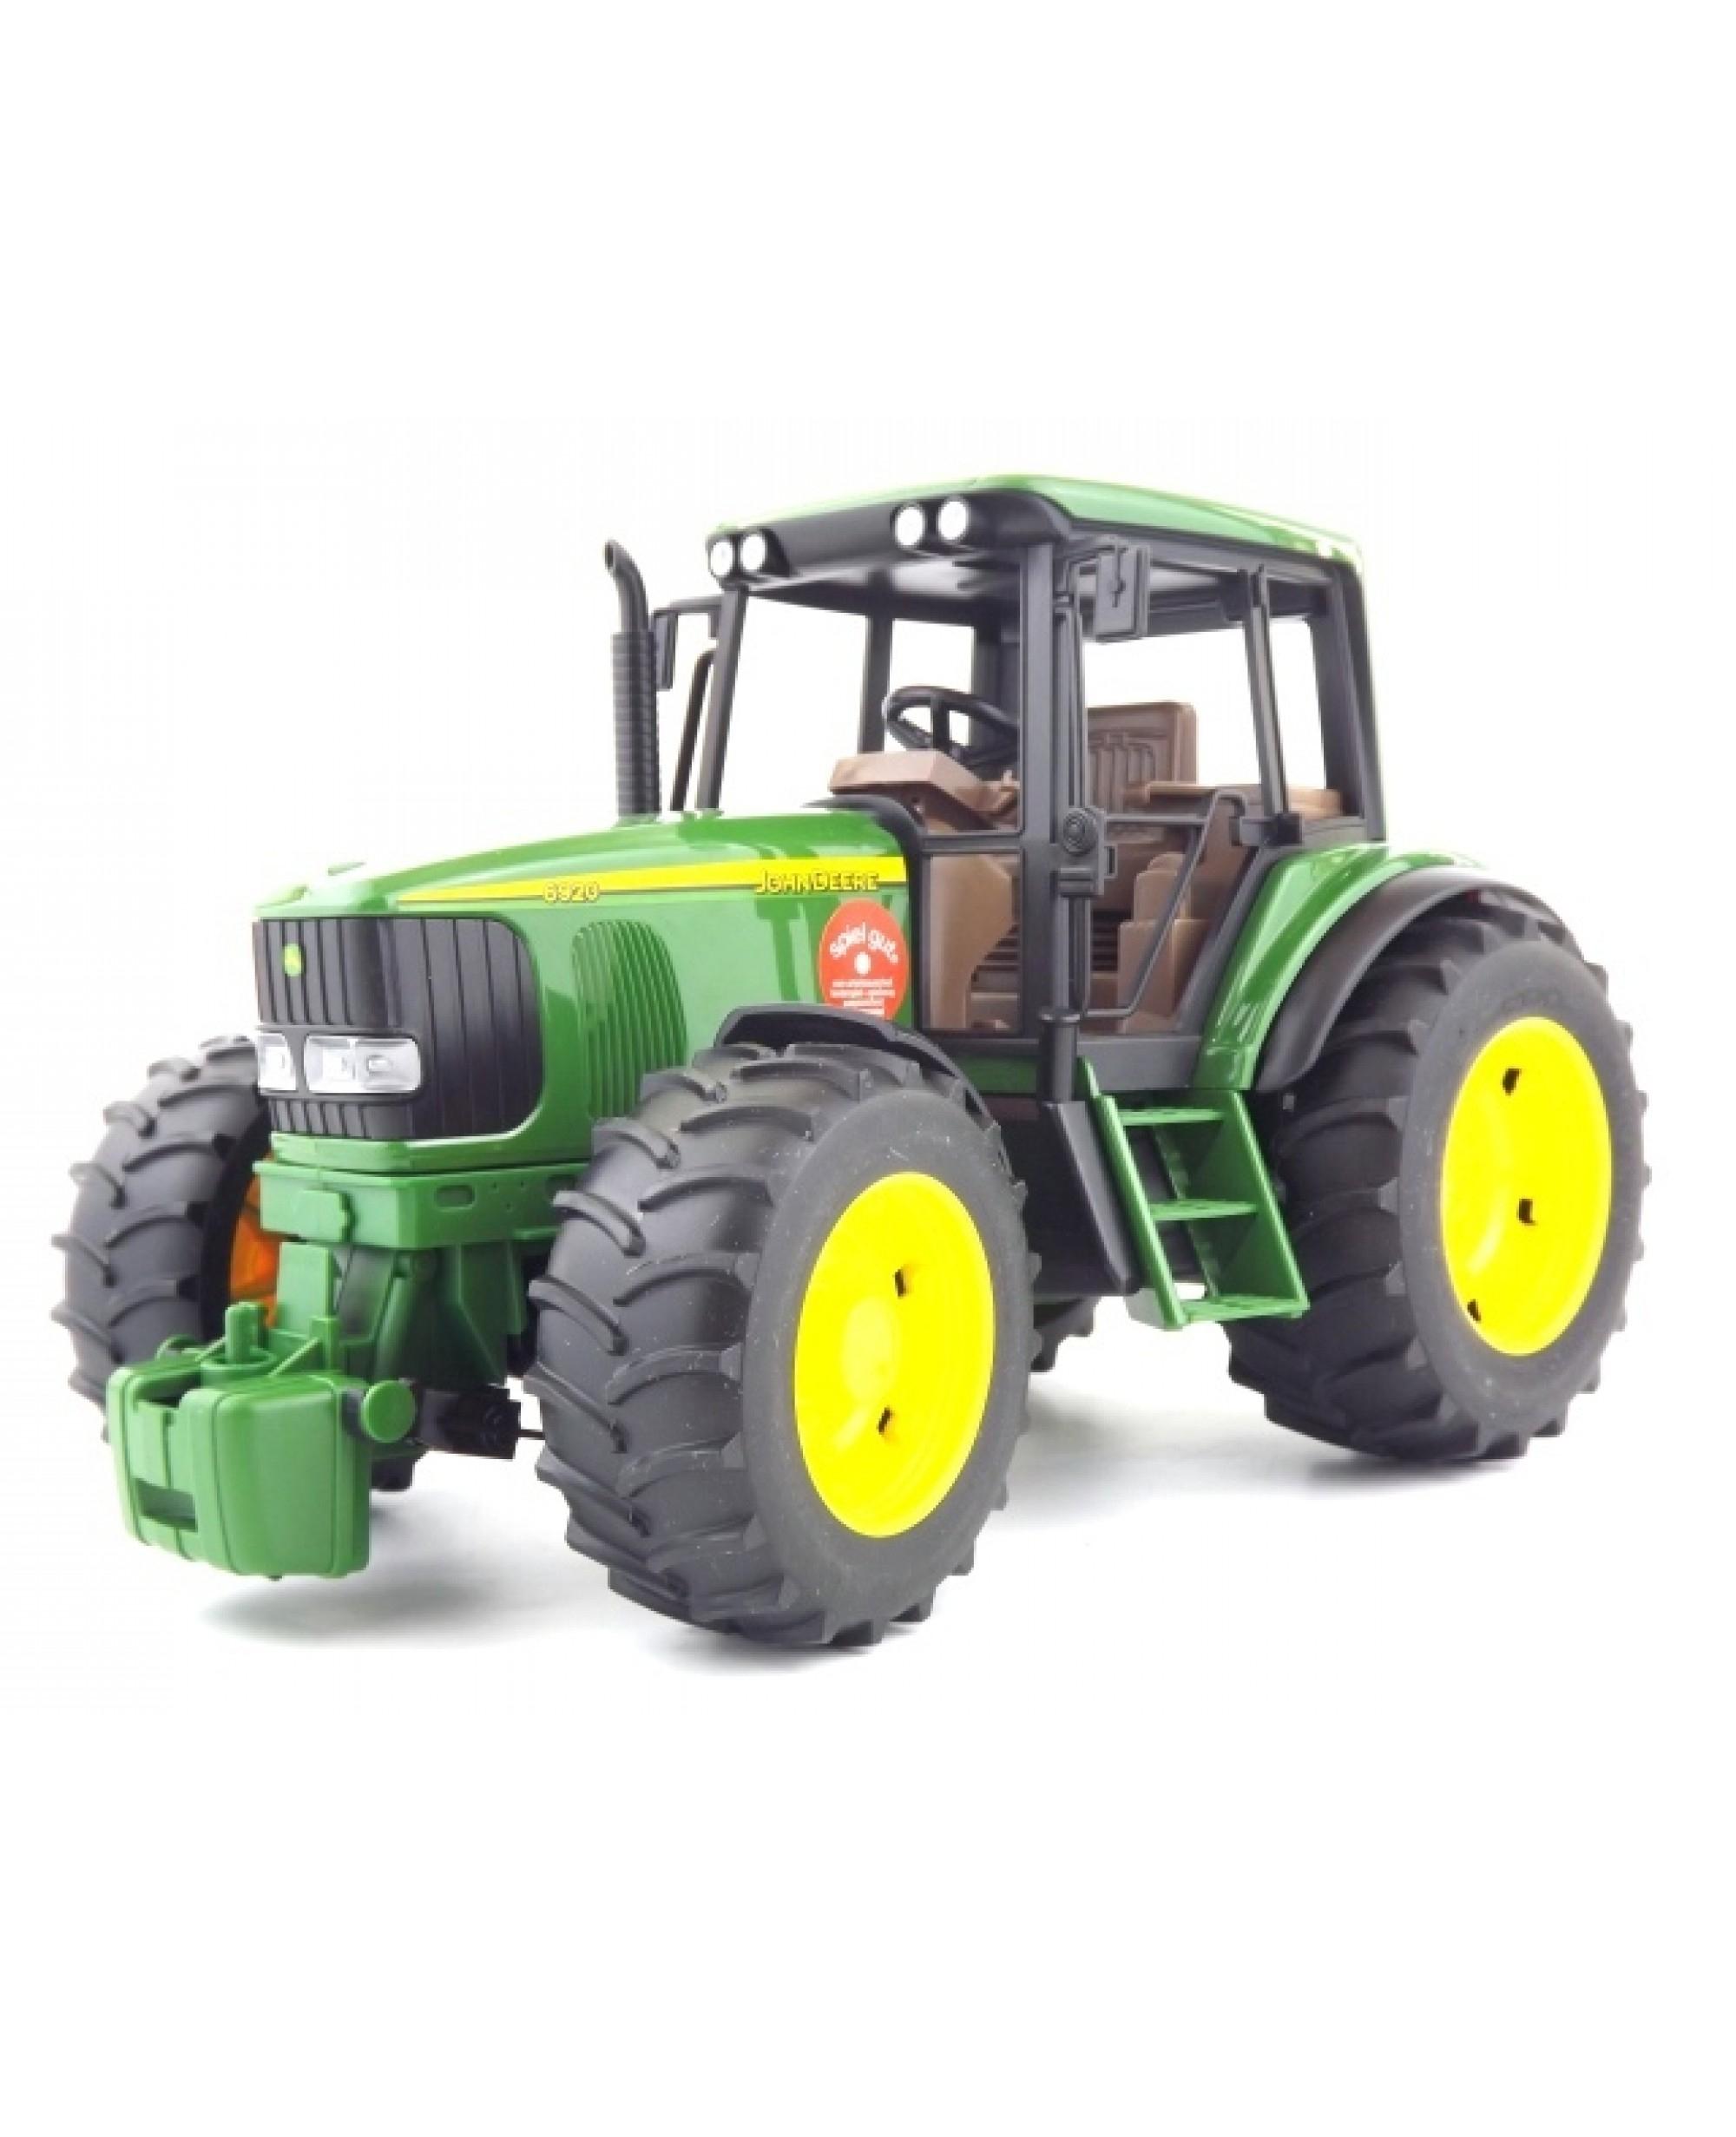 Tracteur John Deere 6920 Jouet Bruder serapportantà Dessin Animé De Tracteur John Deere